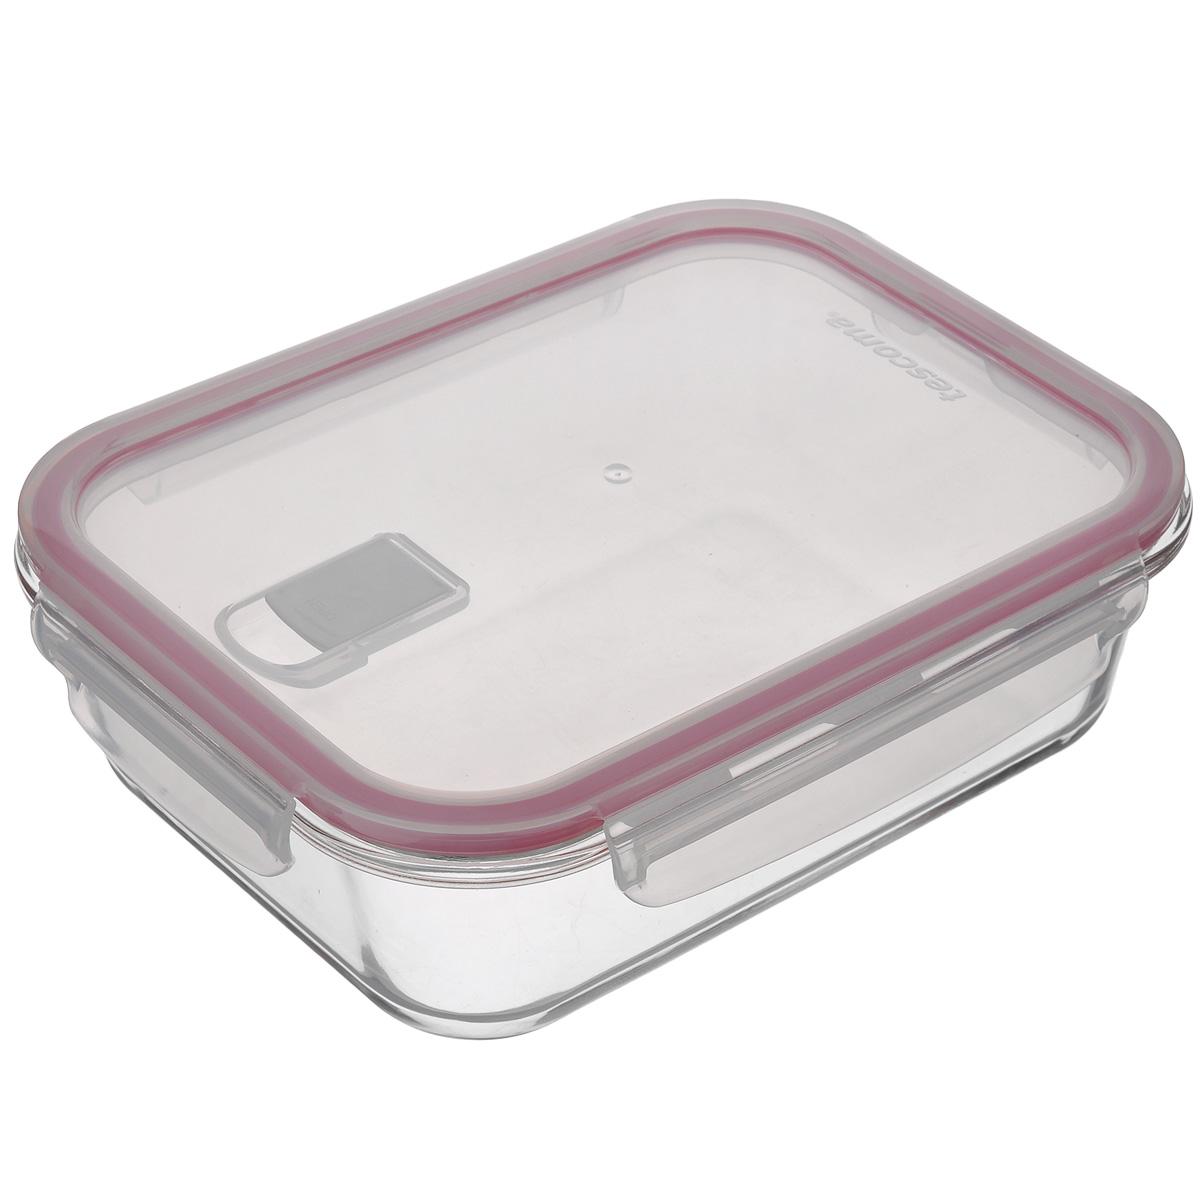 Контейнер Tescoma Freshbox Glass, 1,5 лVT-1520(SR)Контейнер Tescoma Freshbox Glass отлично подходит для хранения, запекания и разогрева блюд. Герметичная крышка имеет силиконовый уплотнитель, пища остается свежей дольше и не протекает при перевозке. Клапан для выпуска пара позволяет разогреть пищу в микроволновой печи с крышкой. Изготовлен контейнер из термостойкого боросиликатного стекла, отличного силикона и прочной пластмассы. Устойчив от -18°С до +110°С (крышка) и 240°C (корпус). Подходит для холодильника, морозильных камер, микроволновой печи и посудомоечной машины.